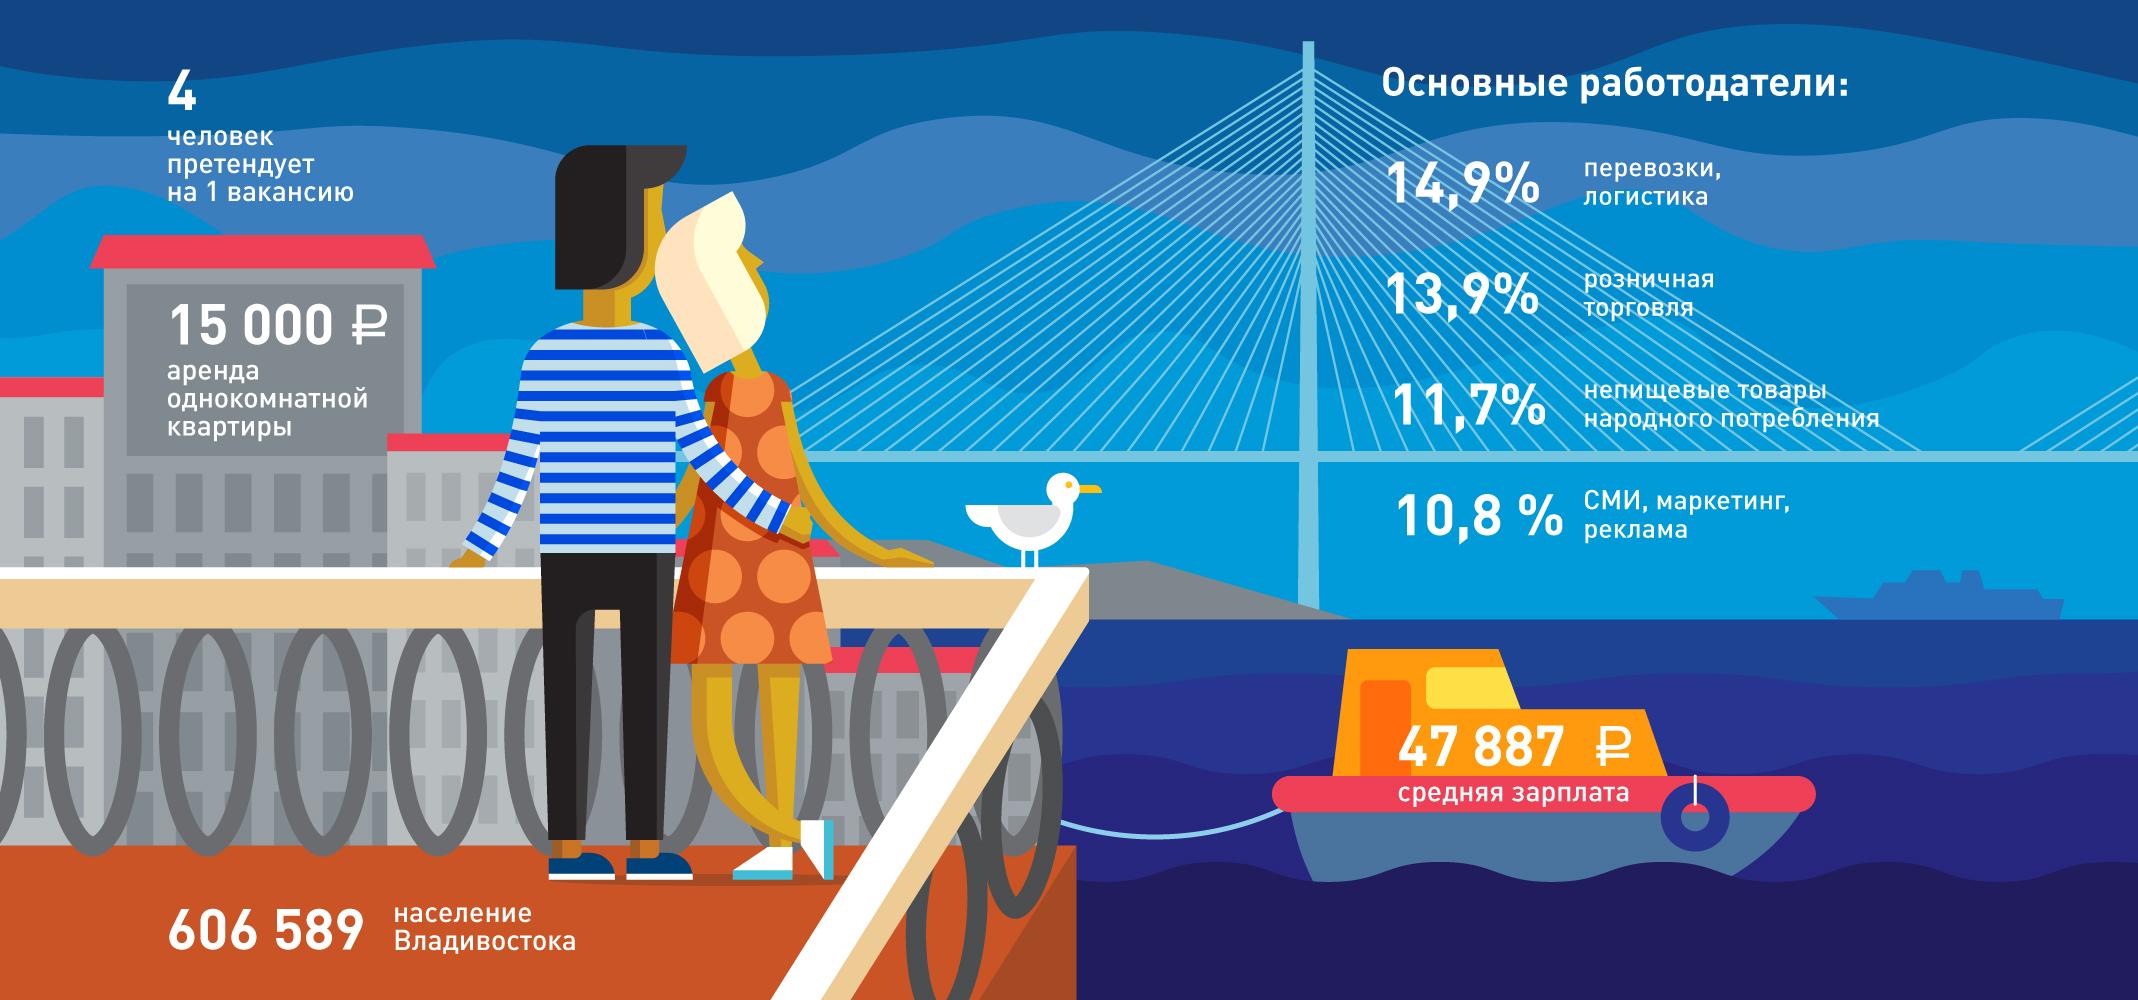 Владивосторг: как живут и работают вдалеке от условной Москвы